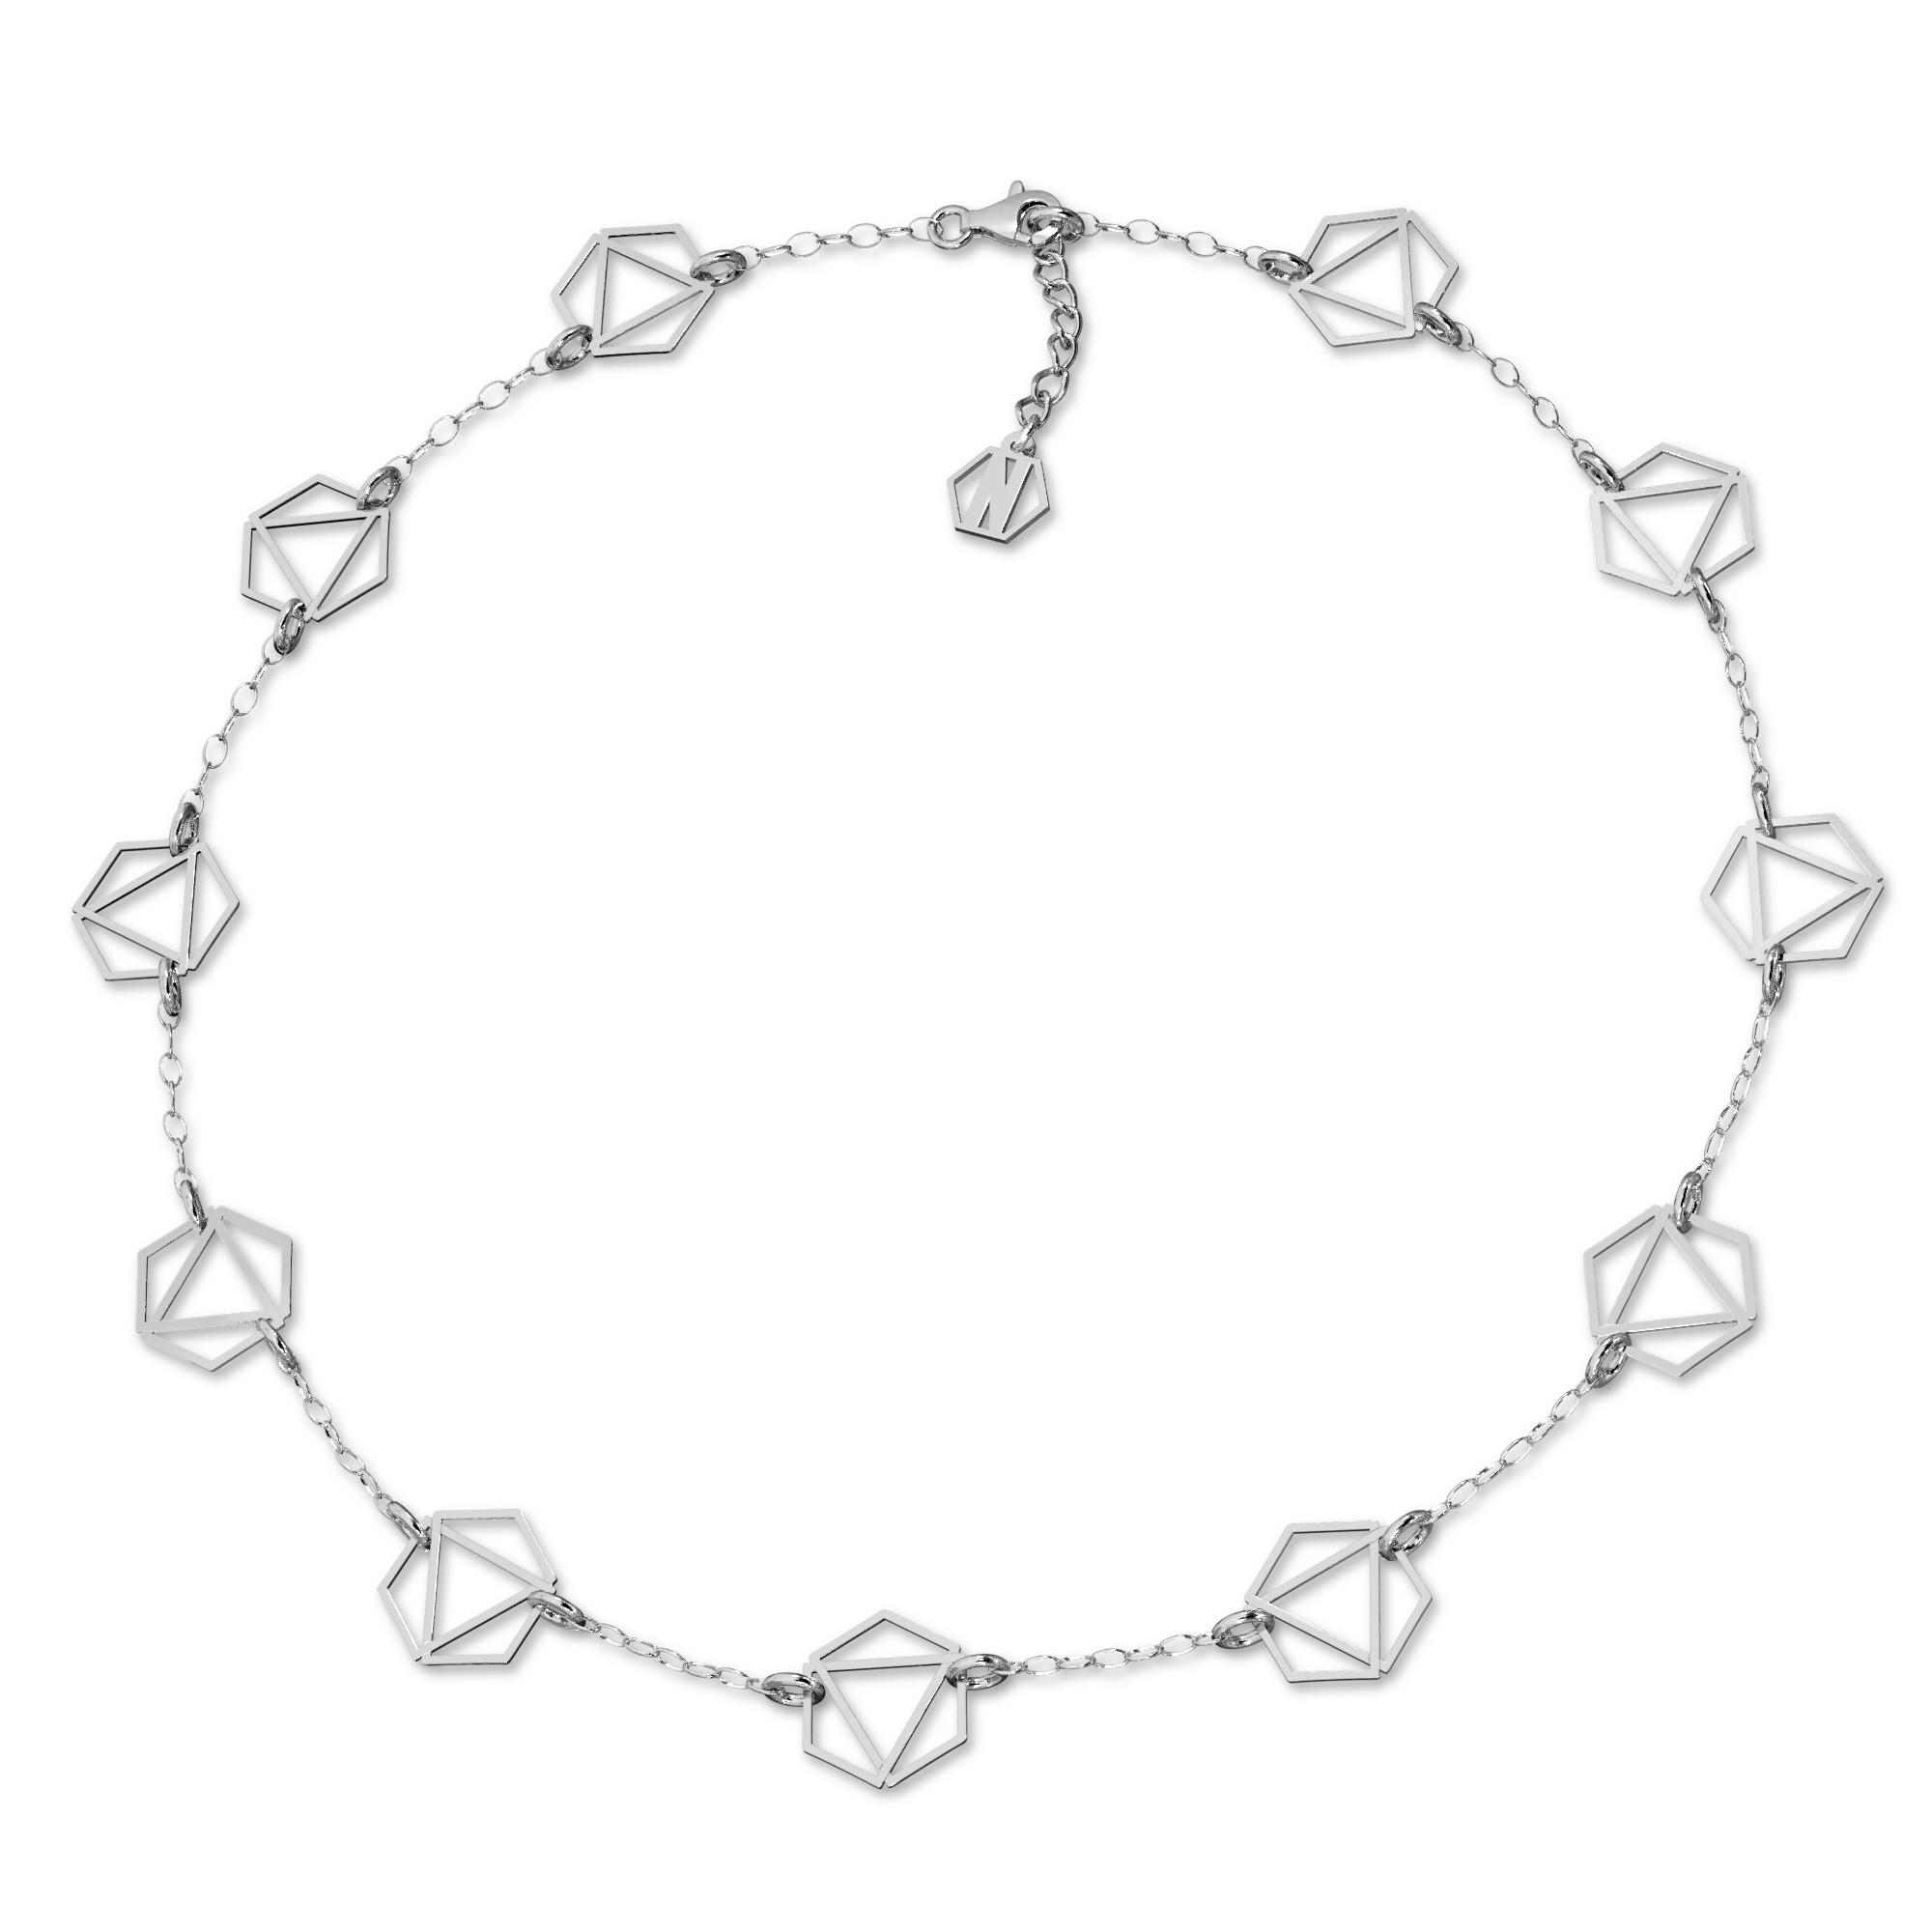 Srebrny naszyjnik sześciokąty celebrytka srebro 925, Nikki Lund